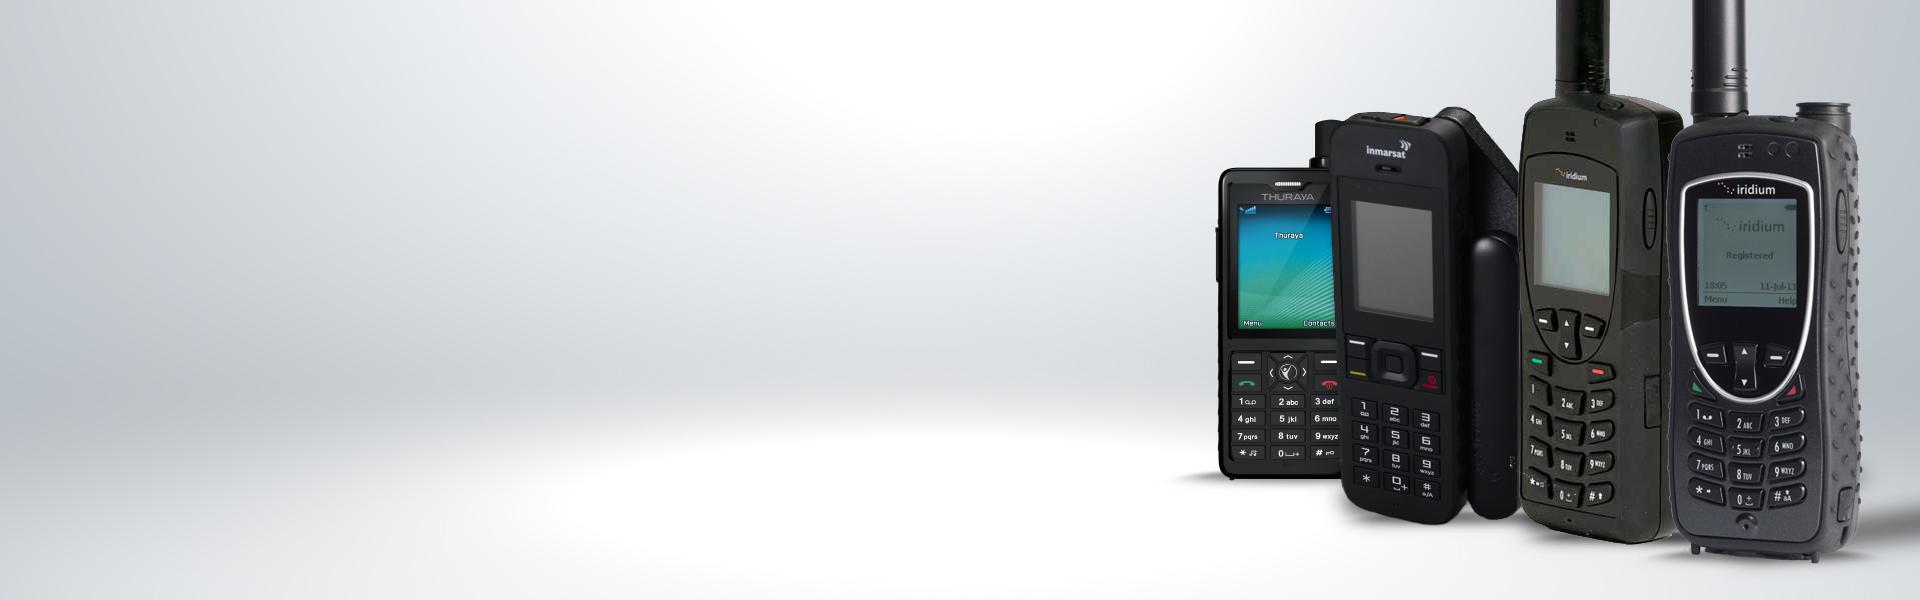 Portable handheld global satellite phones from iridium, inmarsat, & thuraya from NorthernAxcess